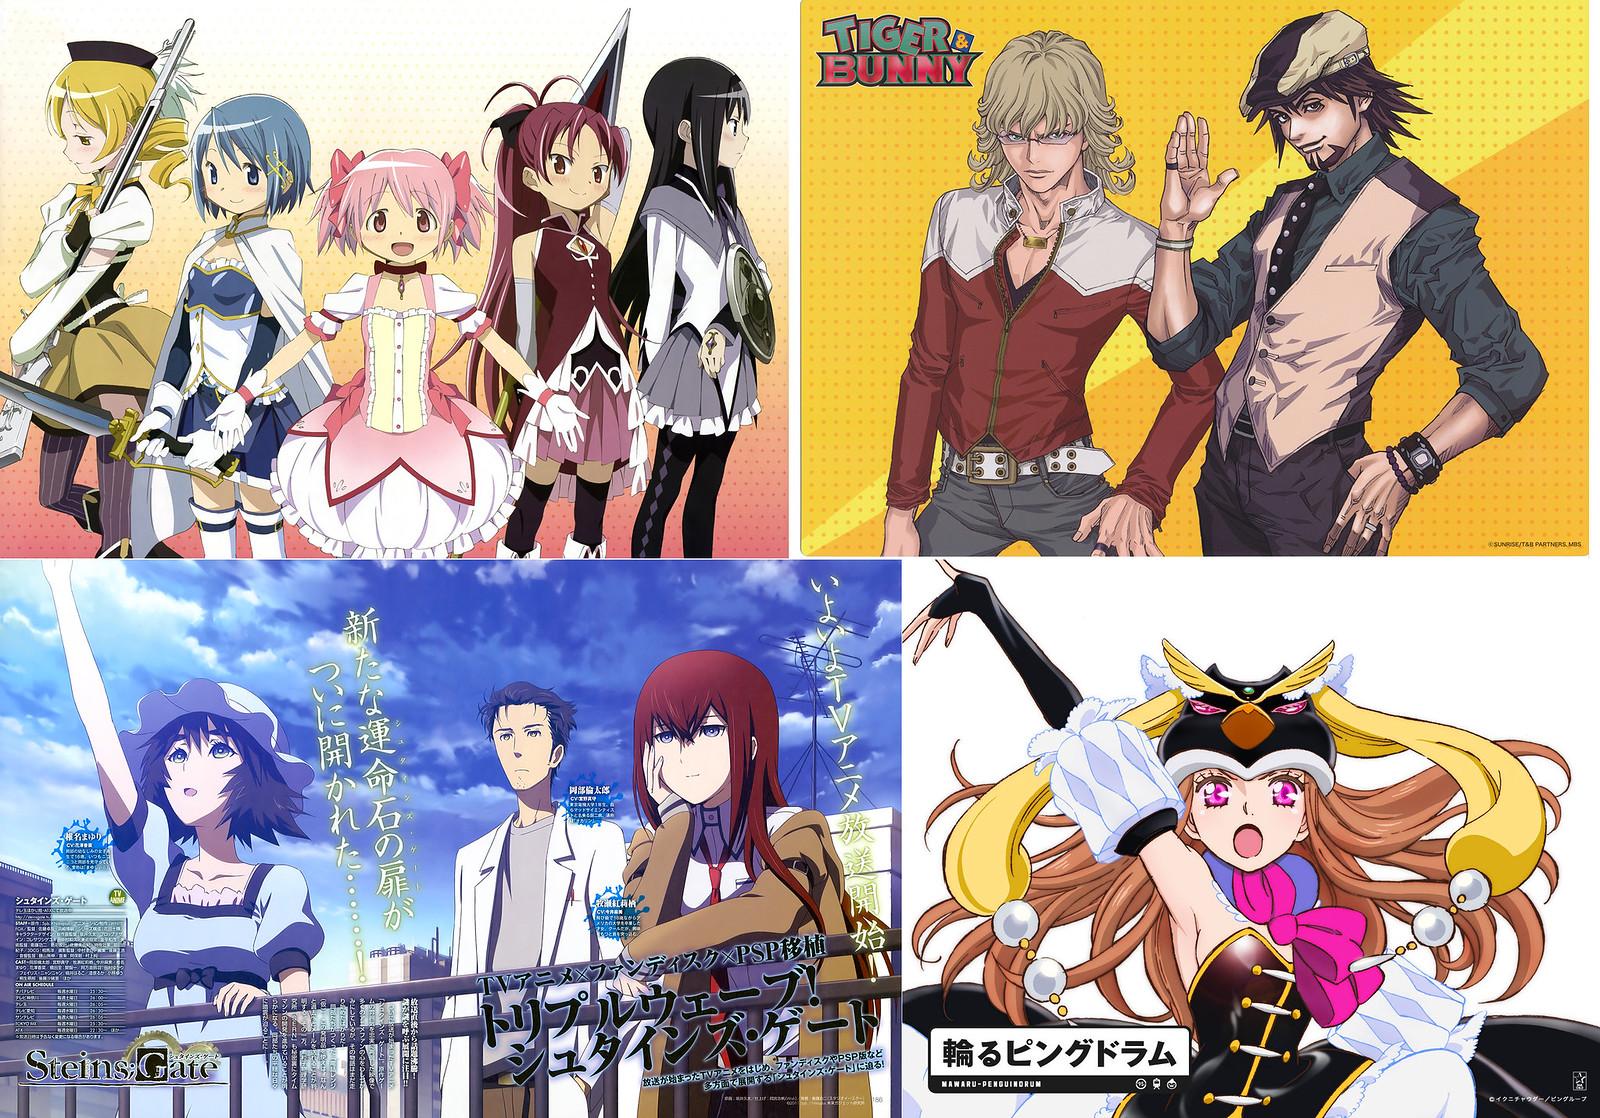 130726 -《日本電視動畫史50週年》專欄第49回(2011年):魔法少女&變身英雄大創新、活歷史「出崎統」逝世!